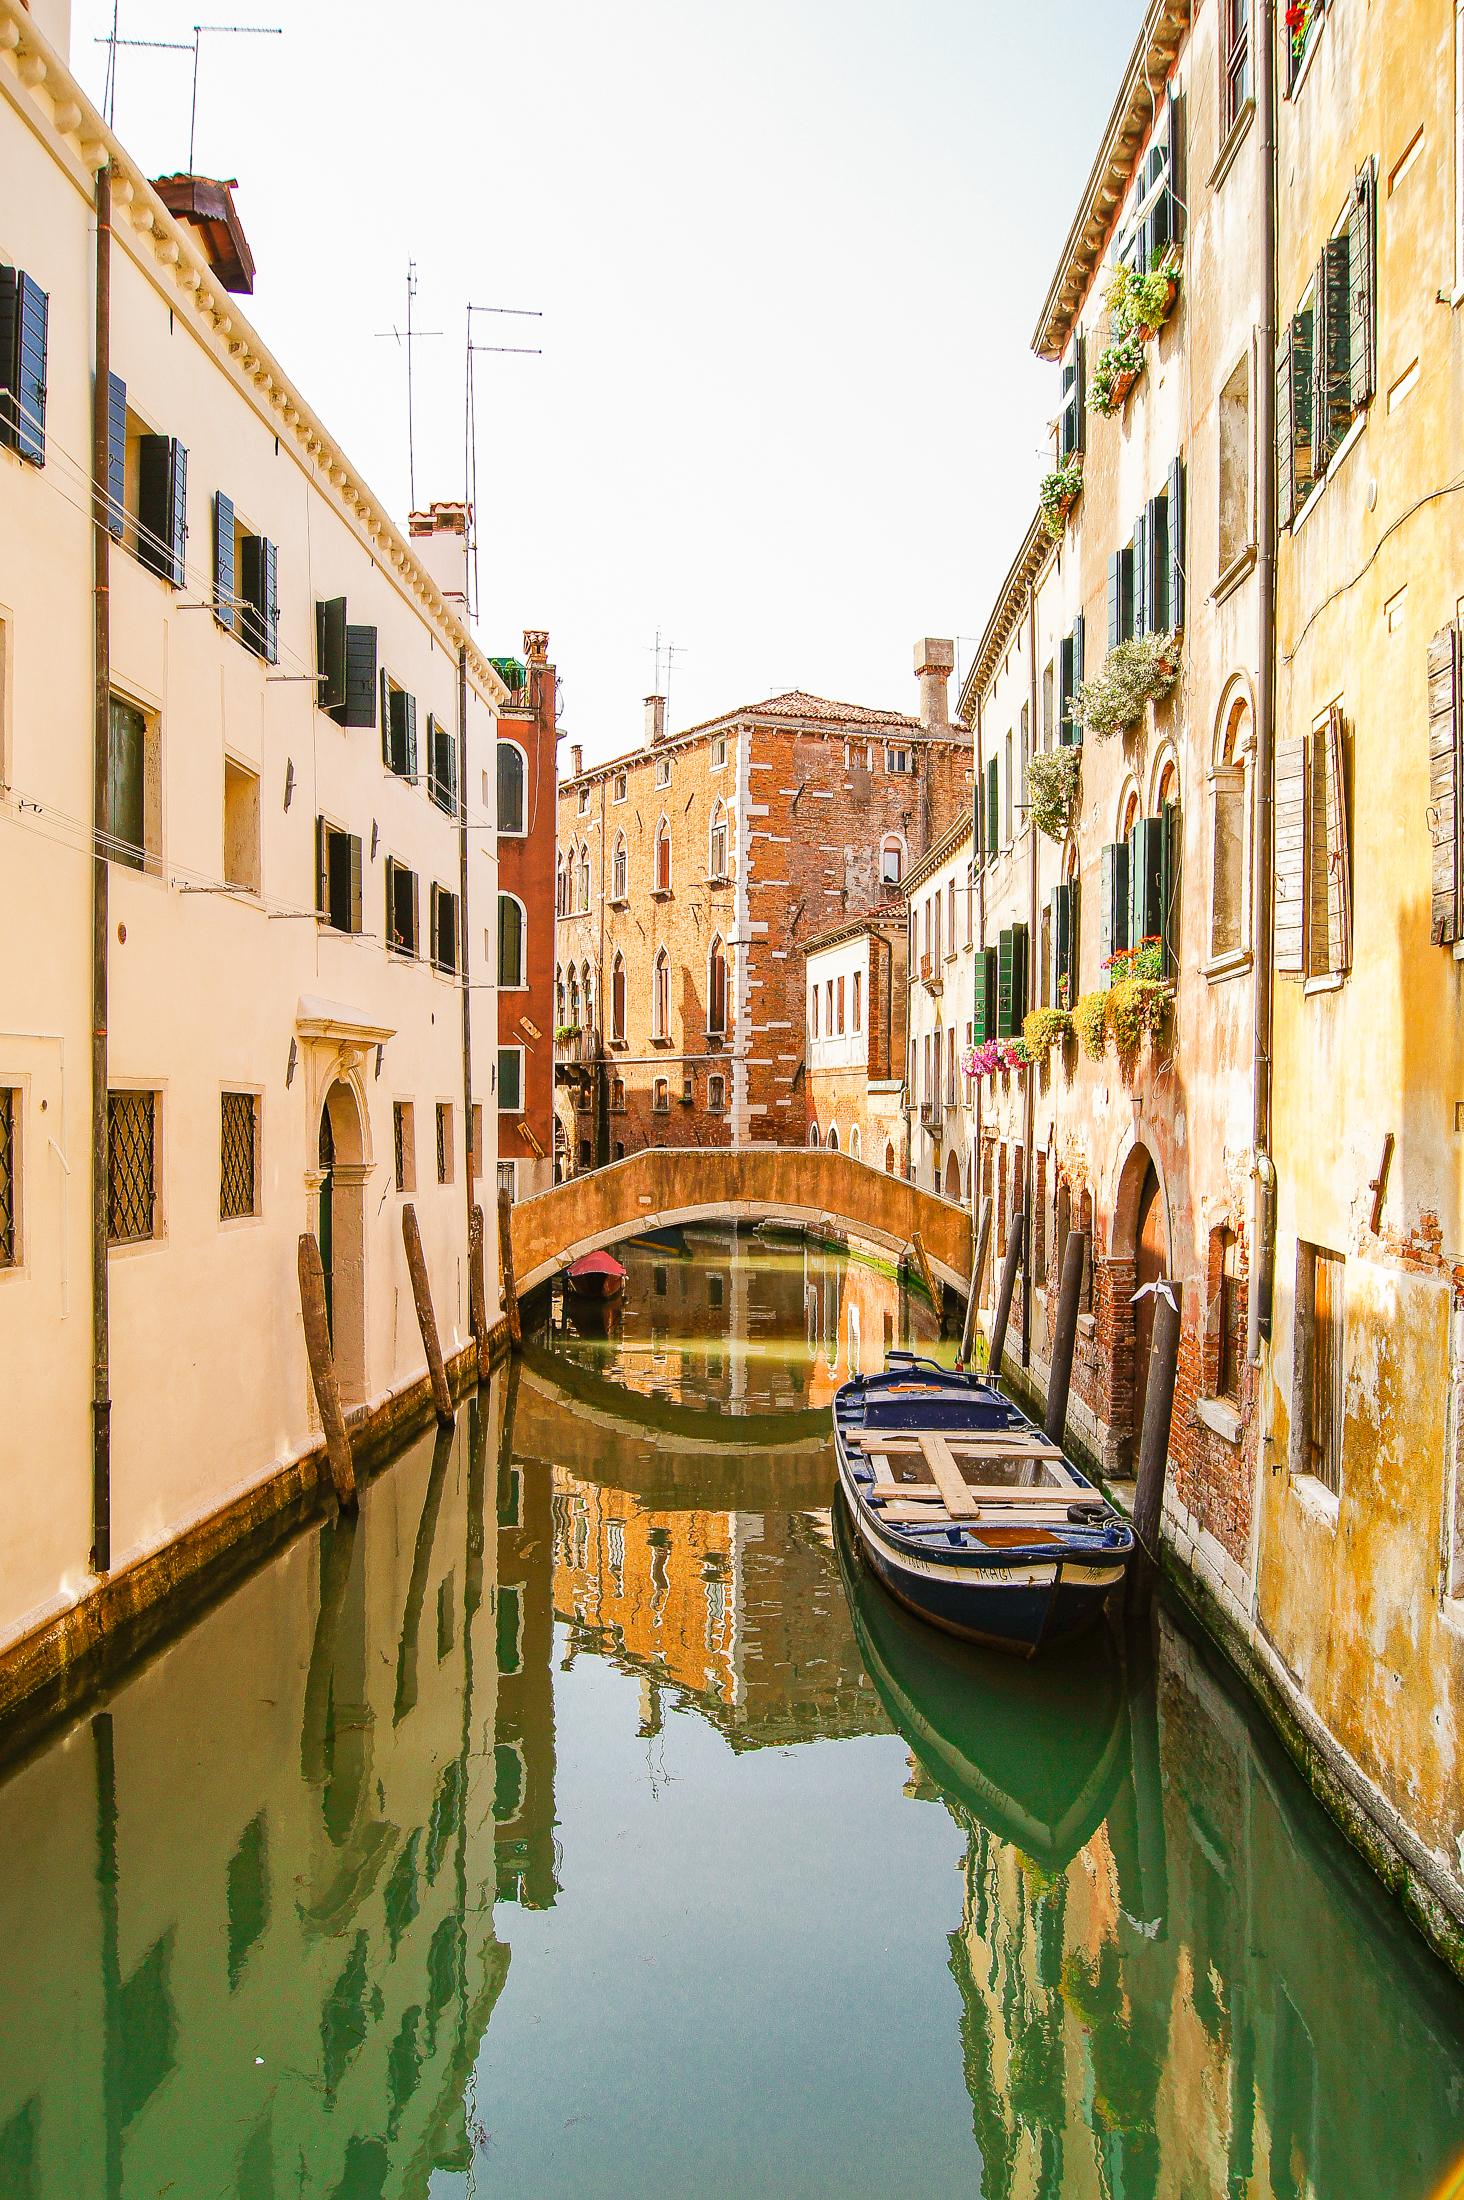 en båt ligger stilla i kanalen.